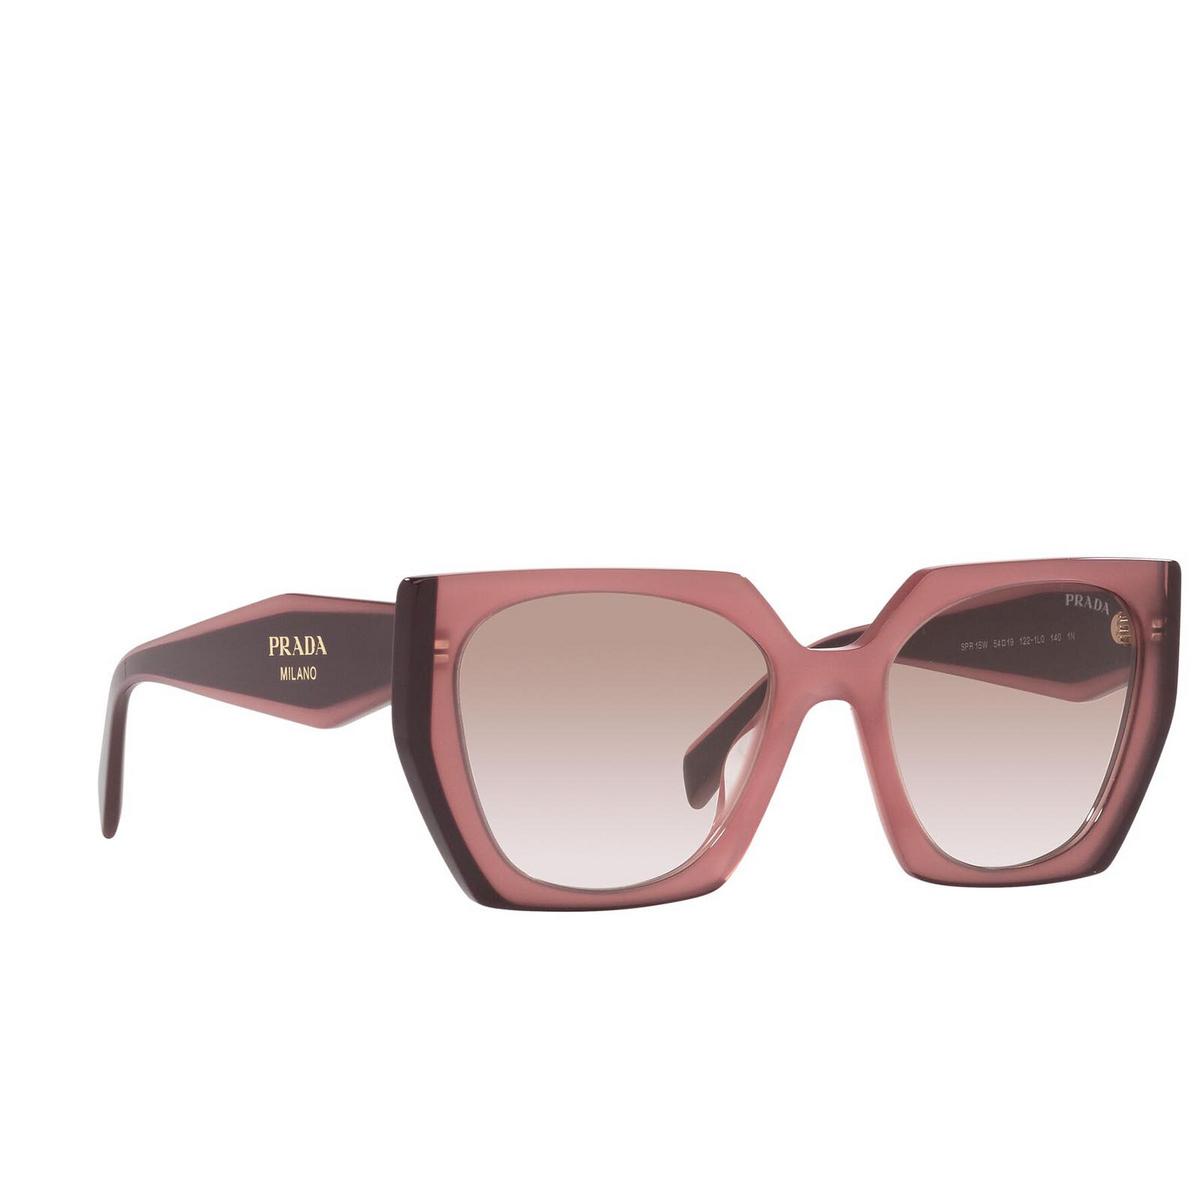 Prada® Square Sunglasses: PR 15WS color Opal Garnet 1221L0 - three-quarters view.